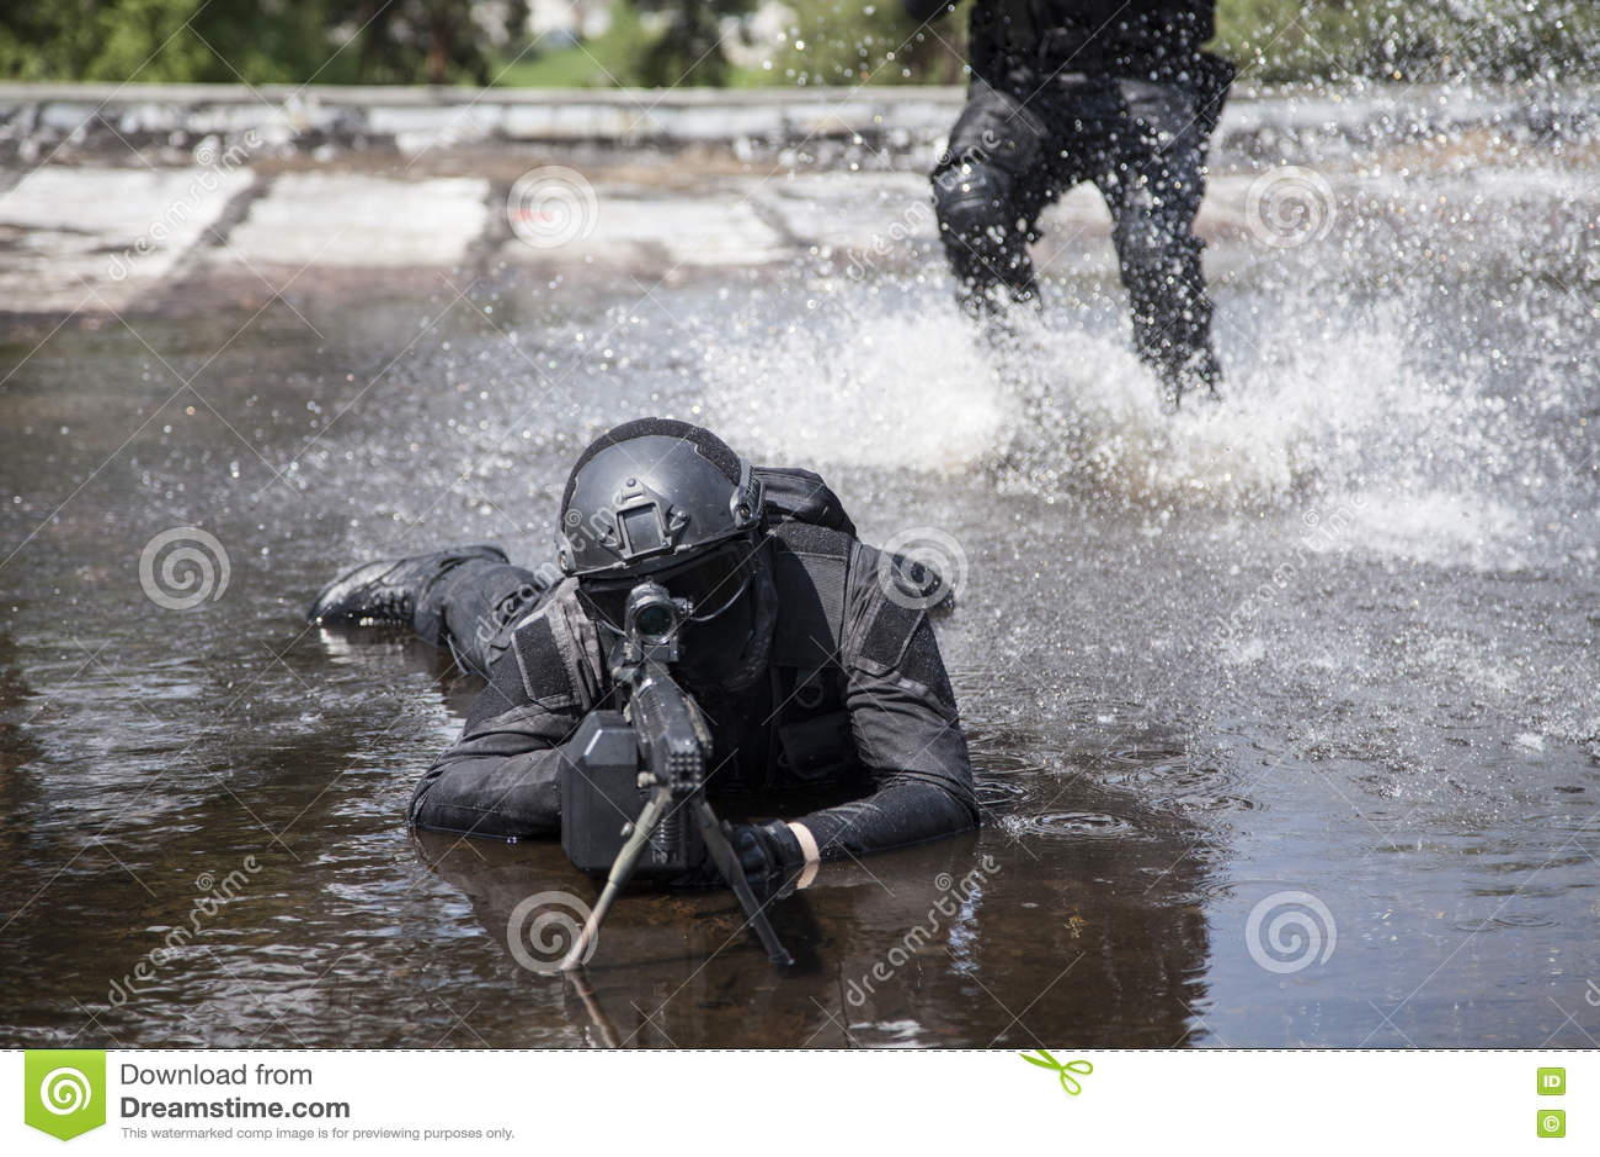 Los oficiales de policía de los ops de espec. GOLPEAN CON FUERZA en el agua